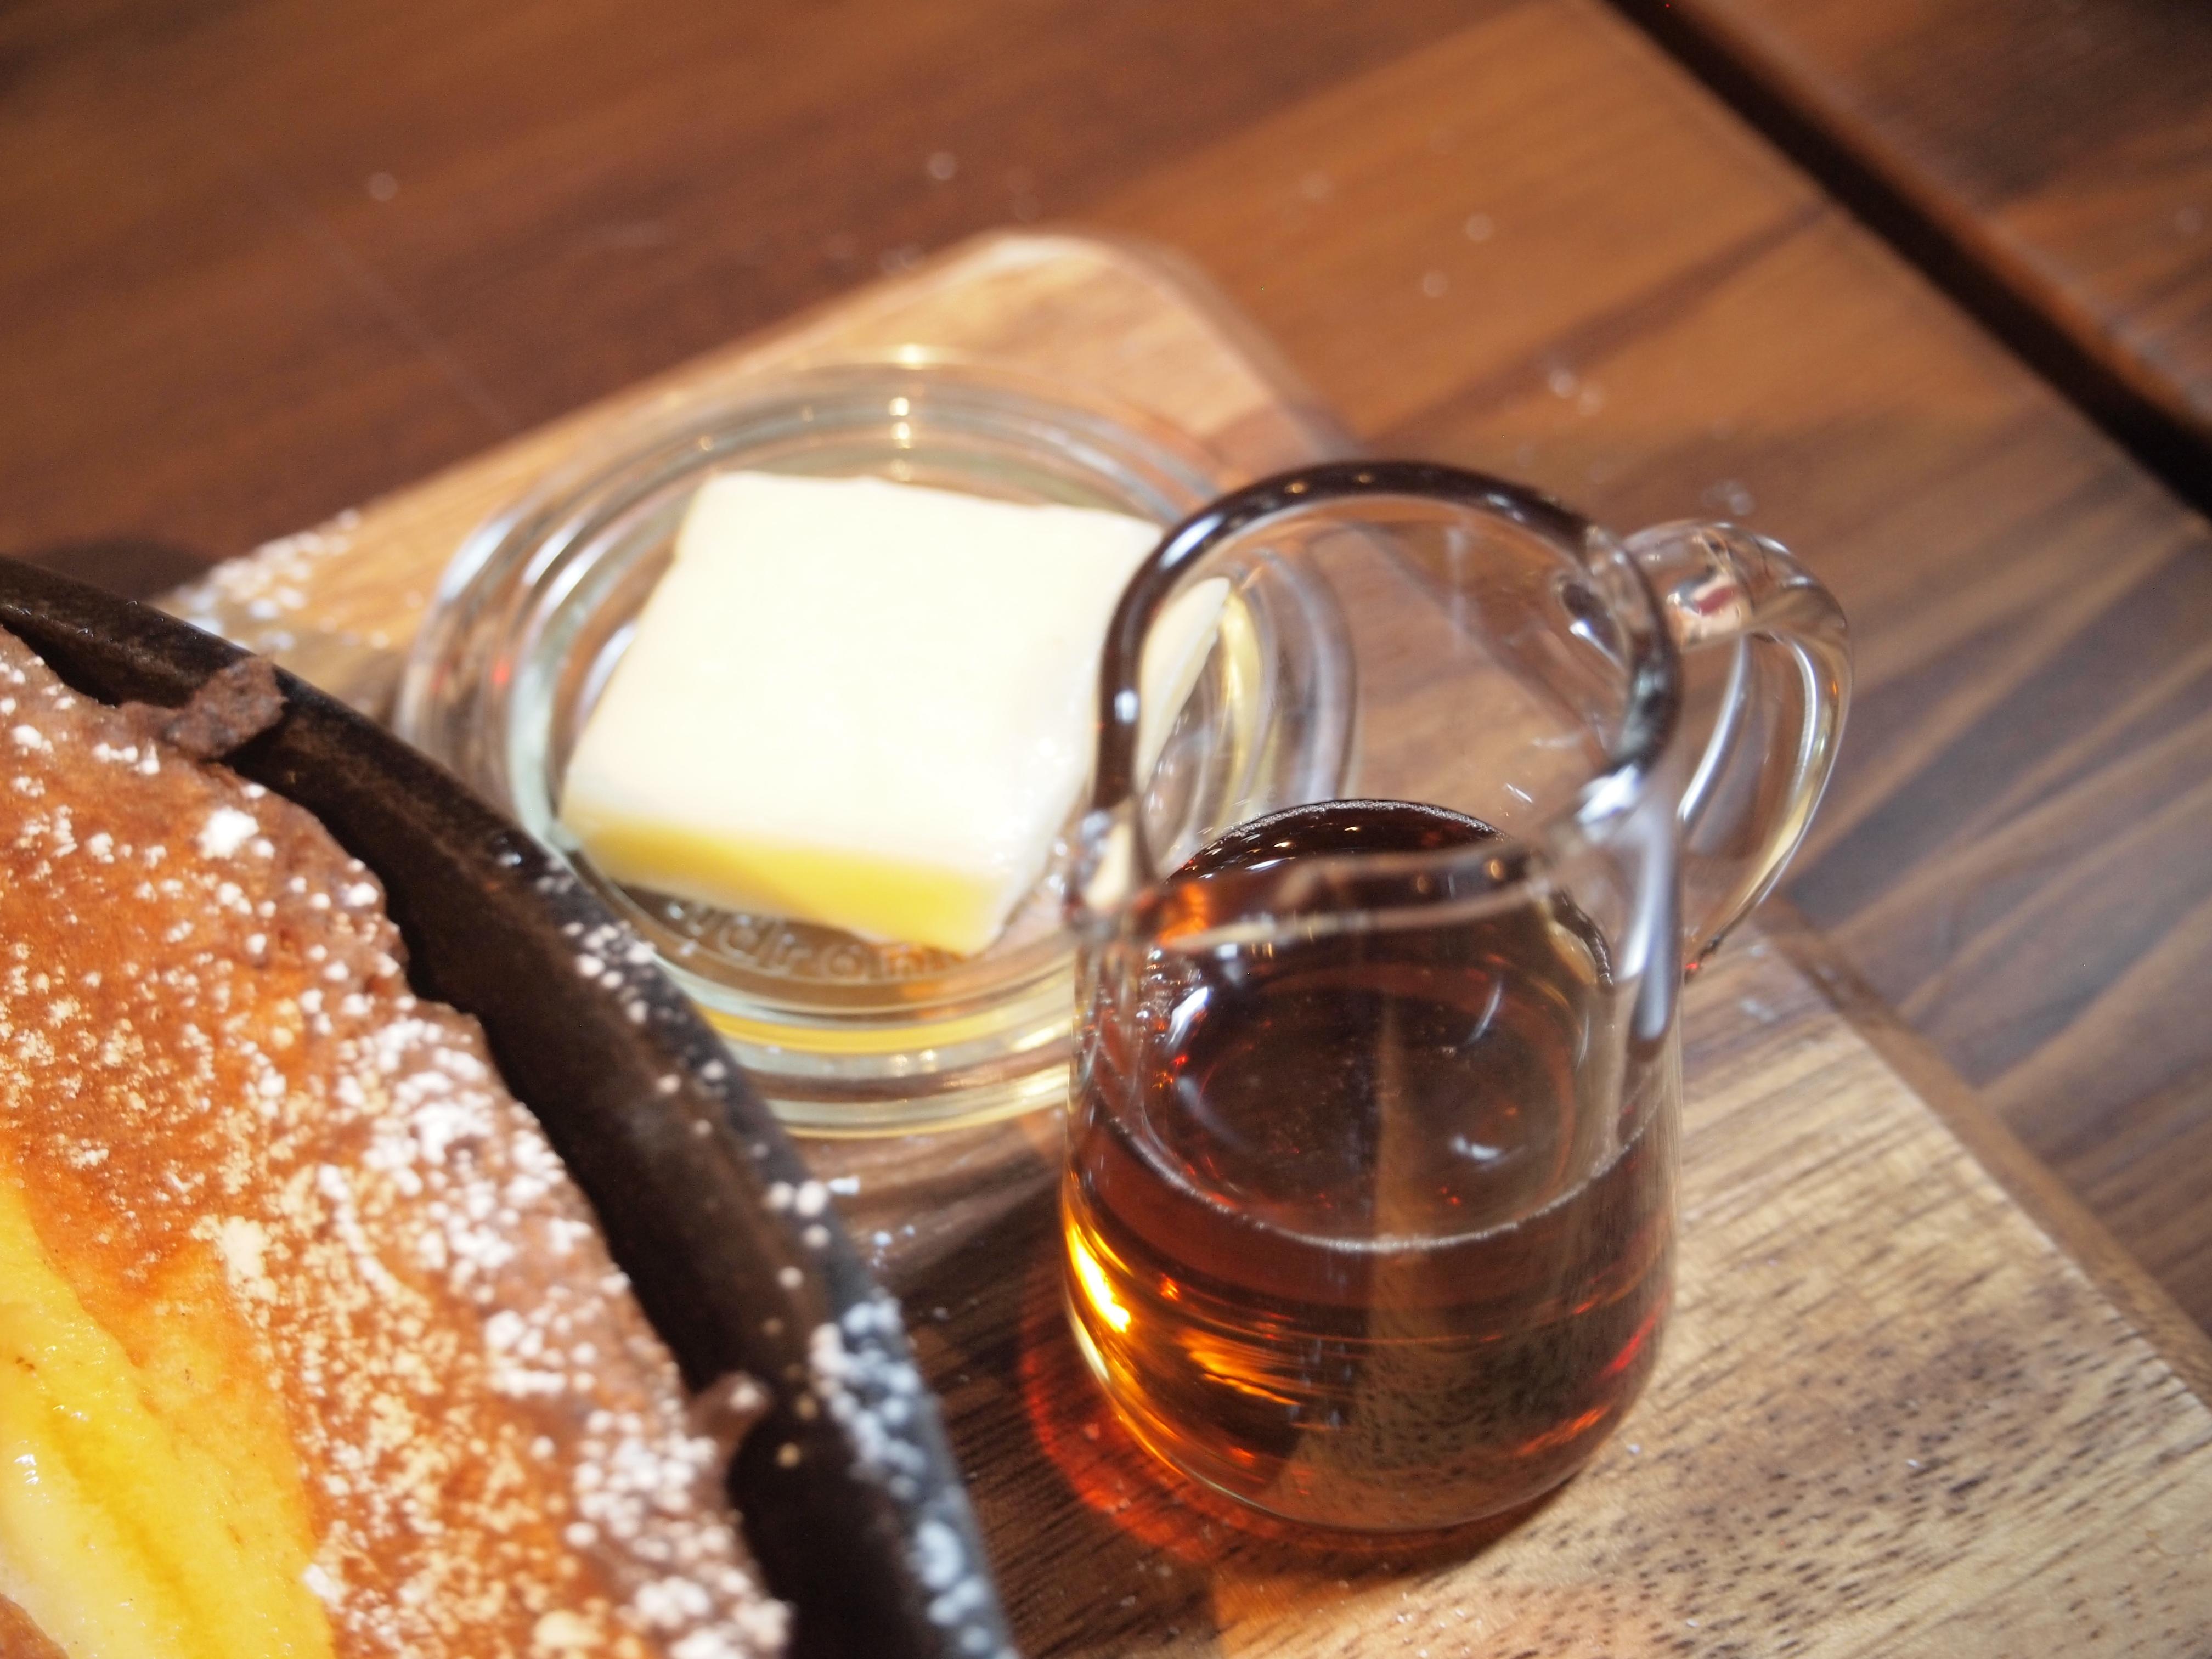 神戸 煉瓦倉庫 ハーバーランド カフェ パンケーキ RED BRICK 1898 レッドブリック ランチ メニュー ダッチベイビー